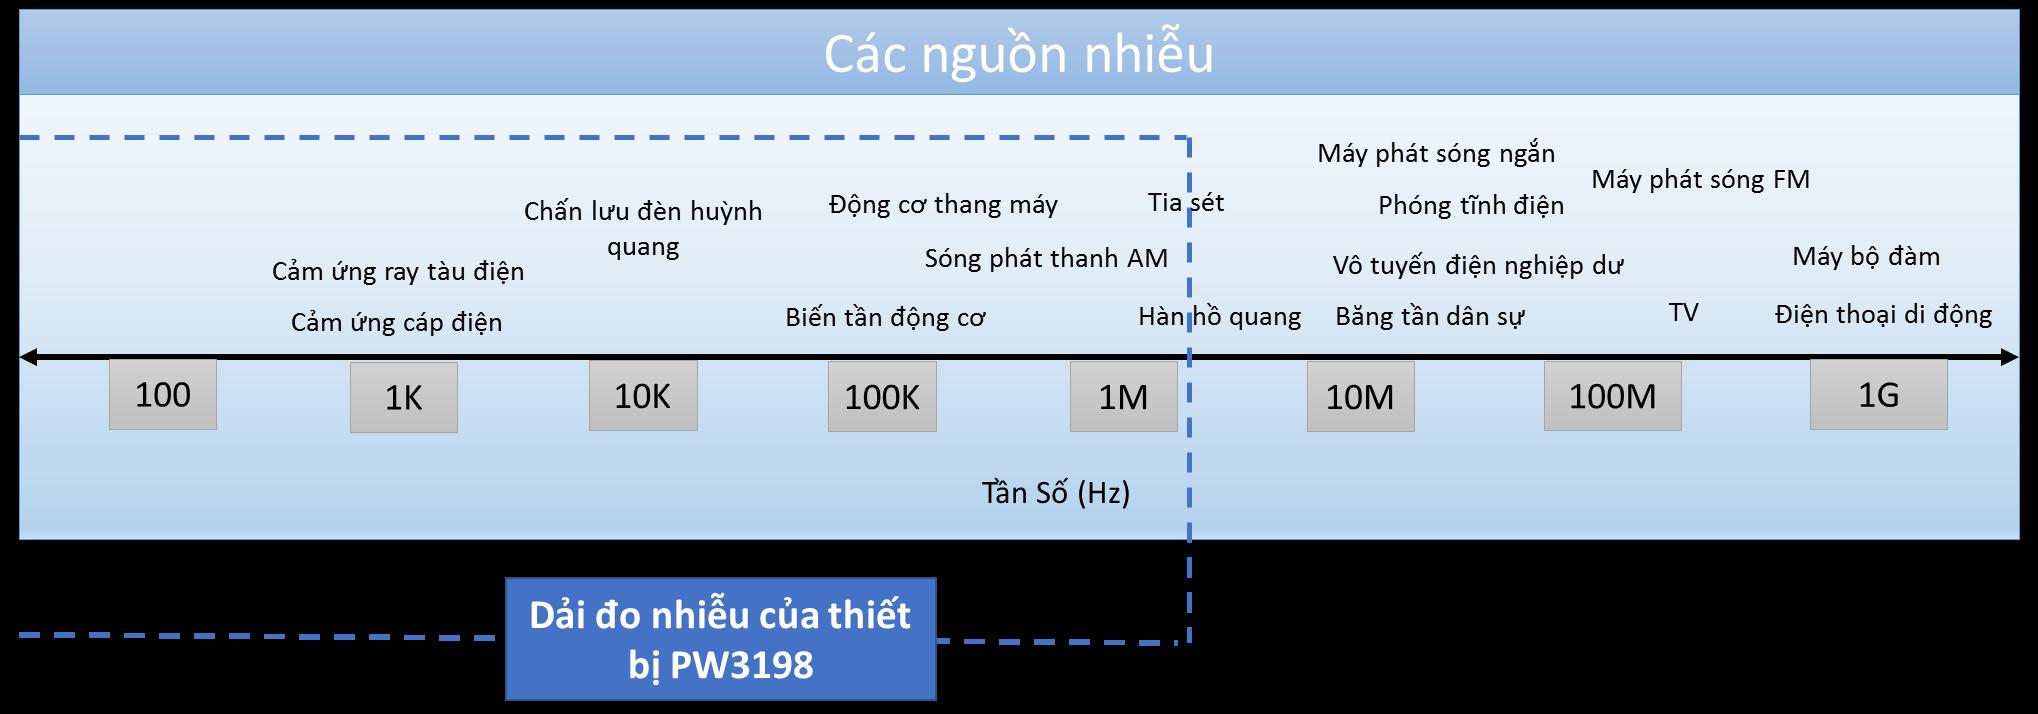 dai-do-nhieu-cua-thiet-bi-PW3198